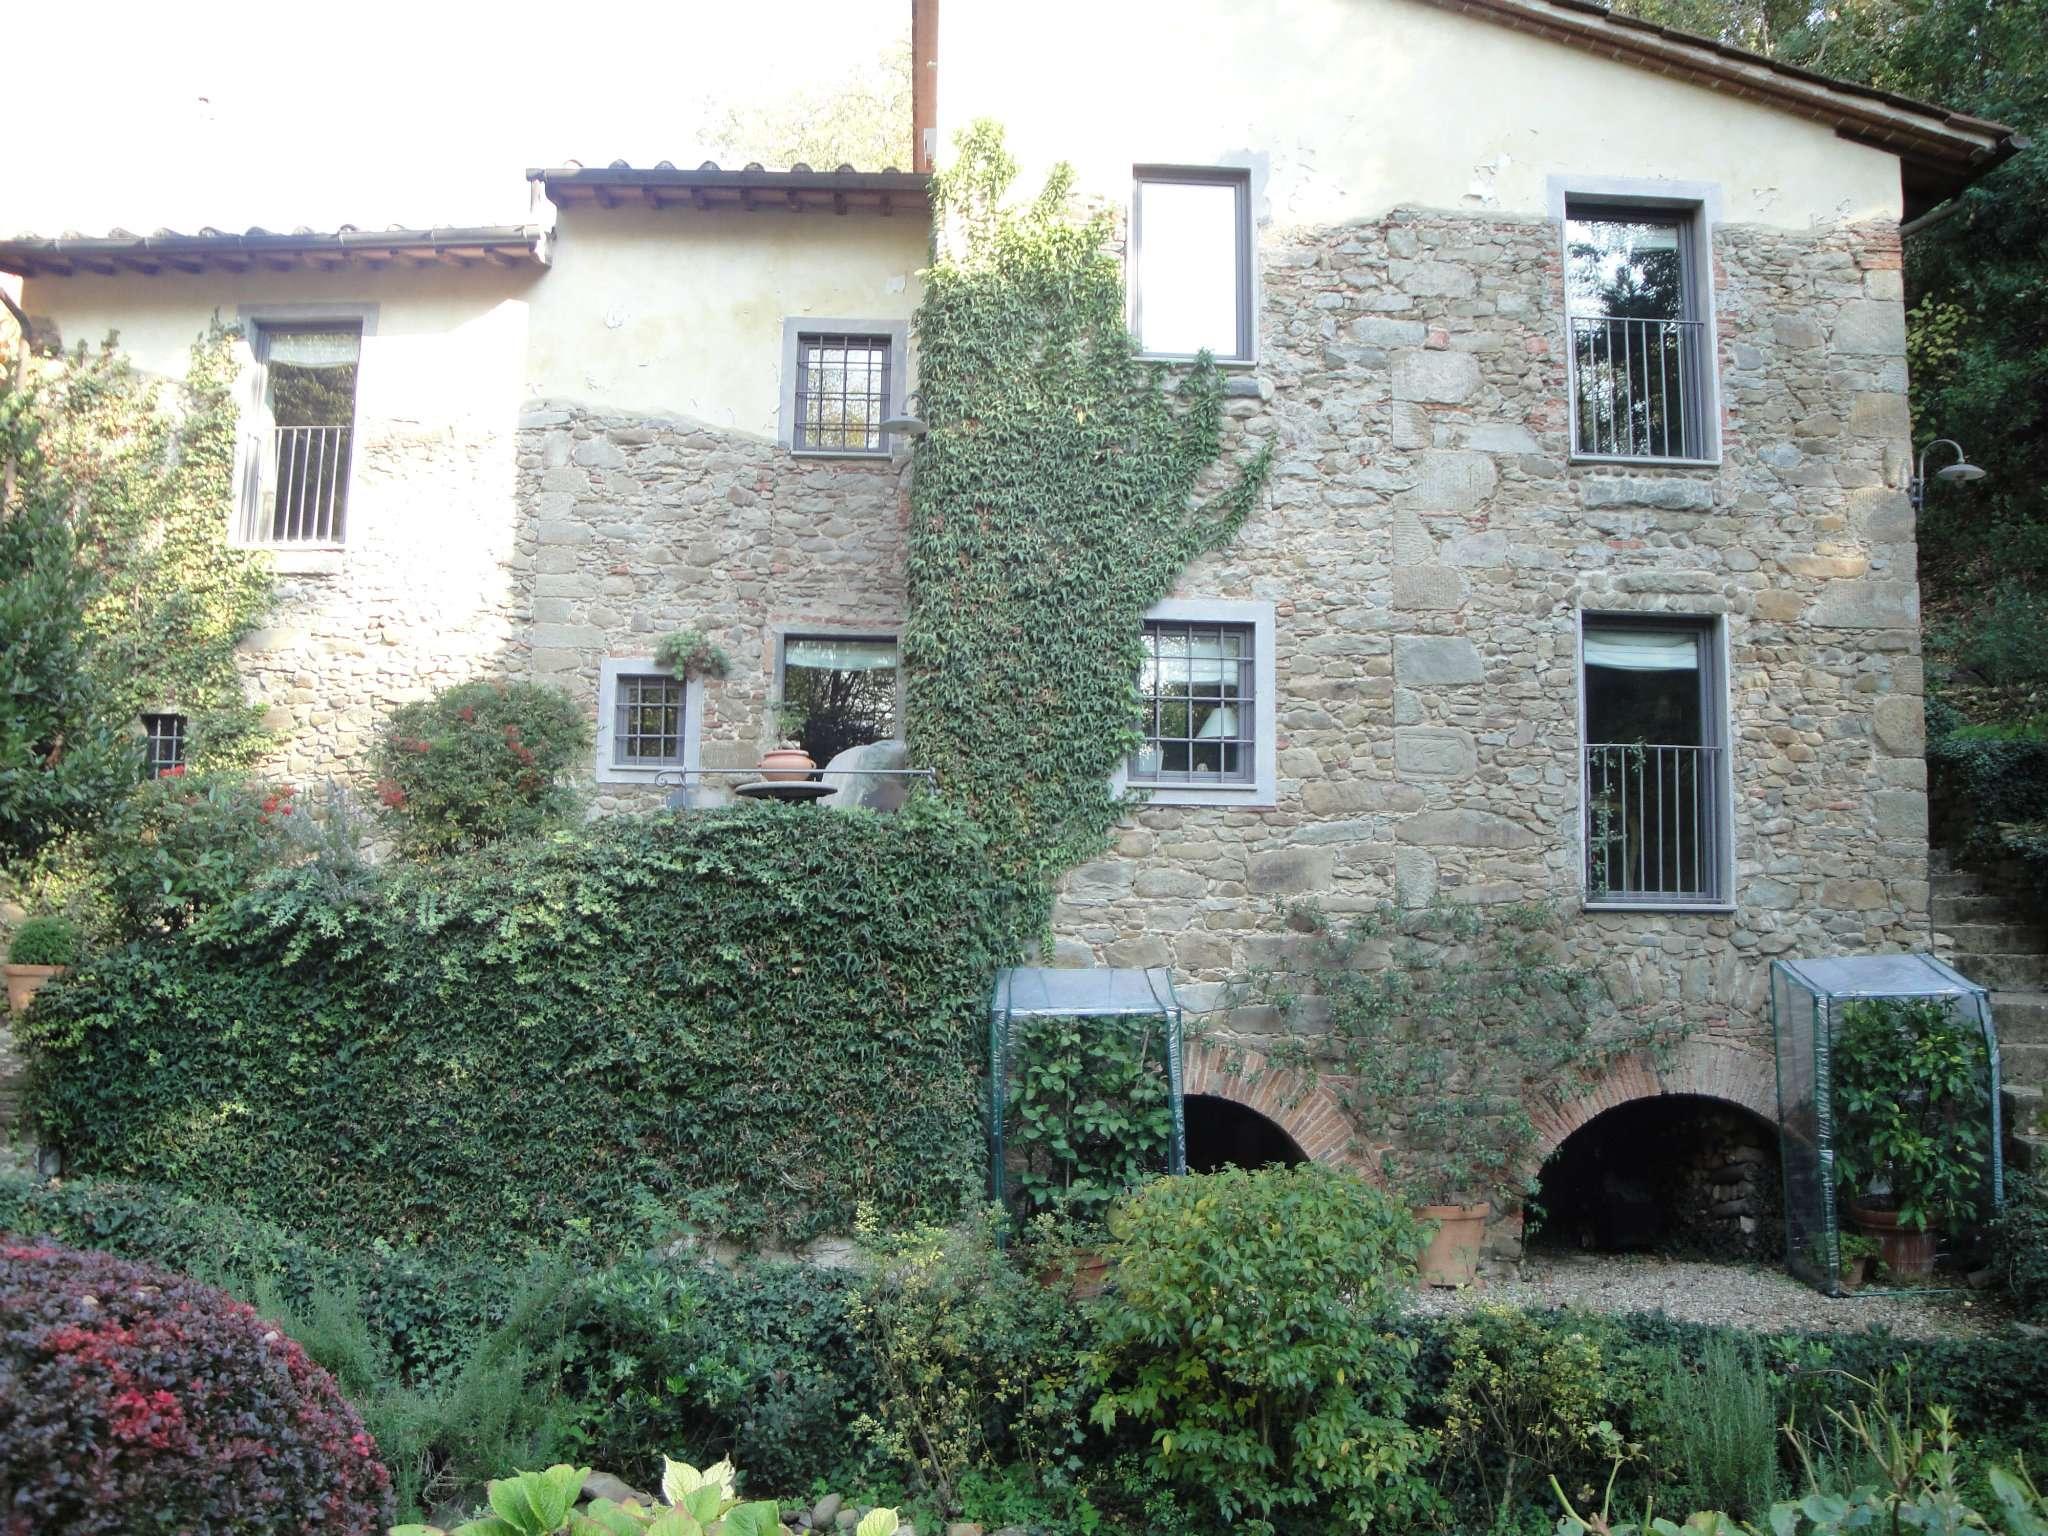 Villa in vendita a Vinci, 4 locali, prezzo € 380.000 | Cambio Casa.it